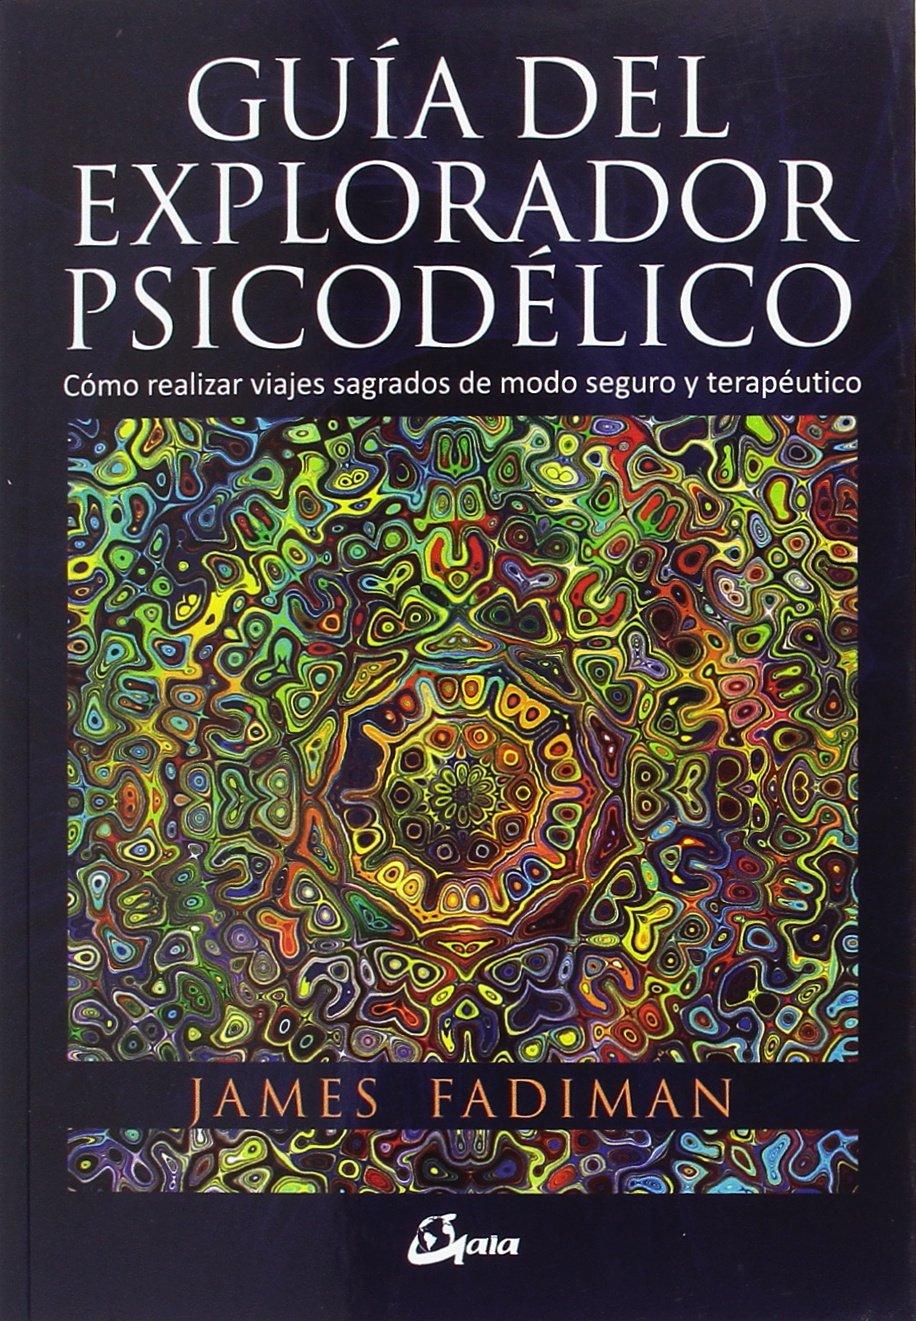 Download Guía del explorador psicodélico: Cómo realizar viajes sagrados de modo seguro y terapéutico PDF